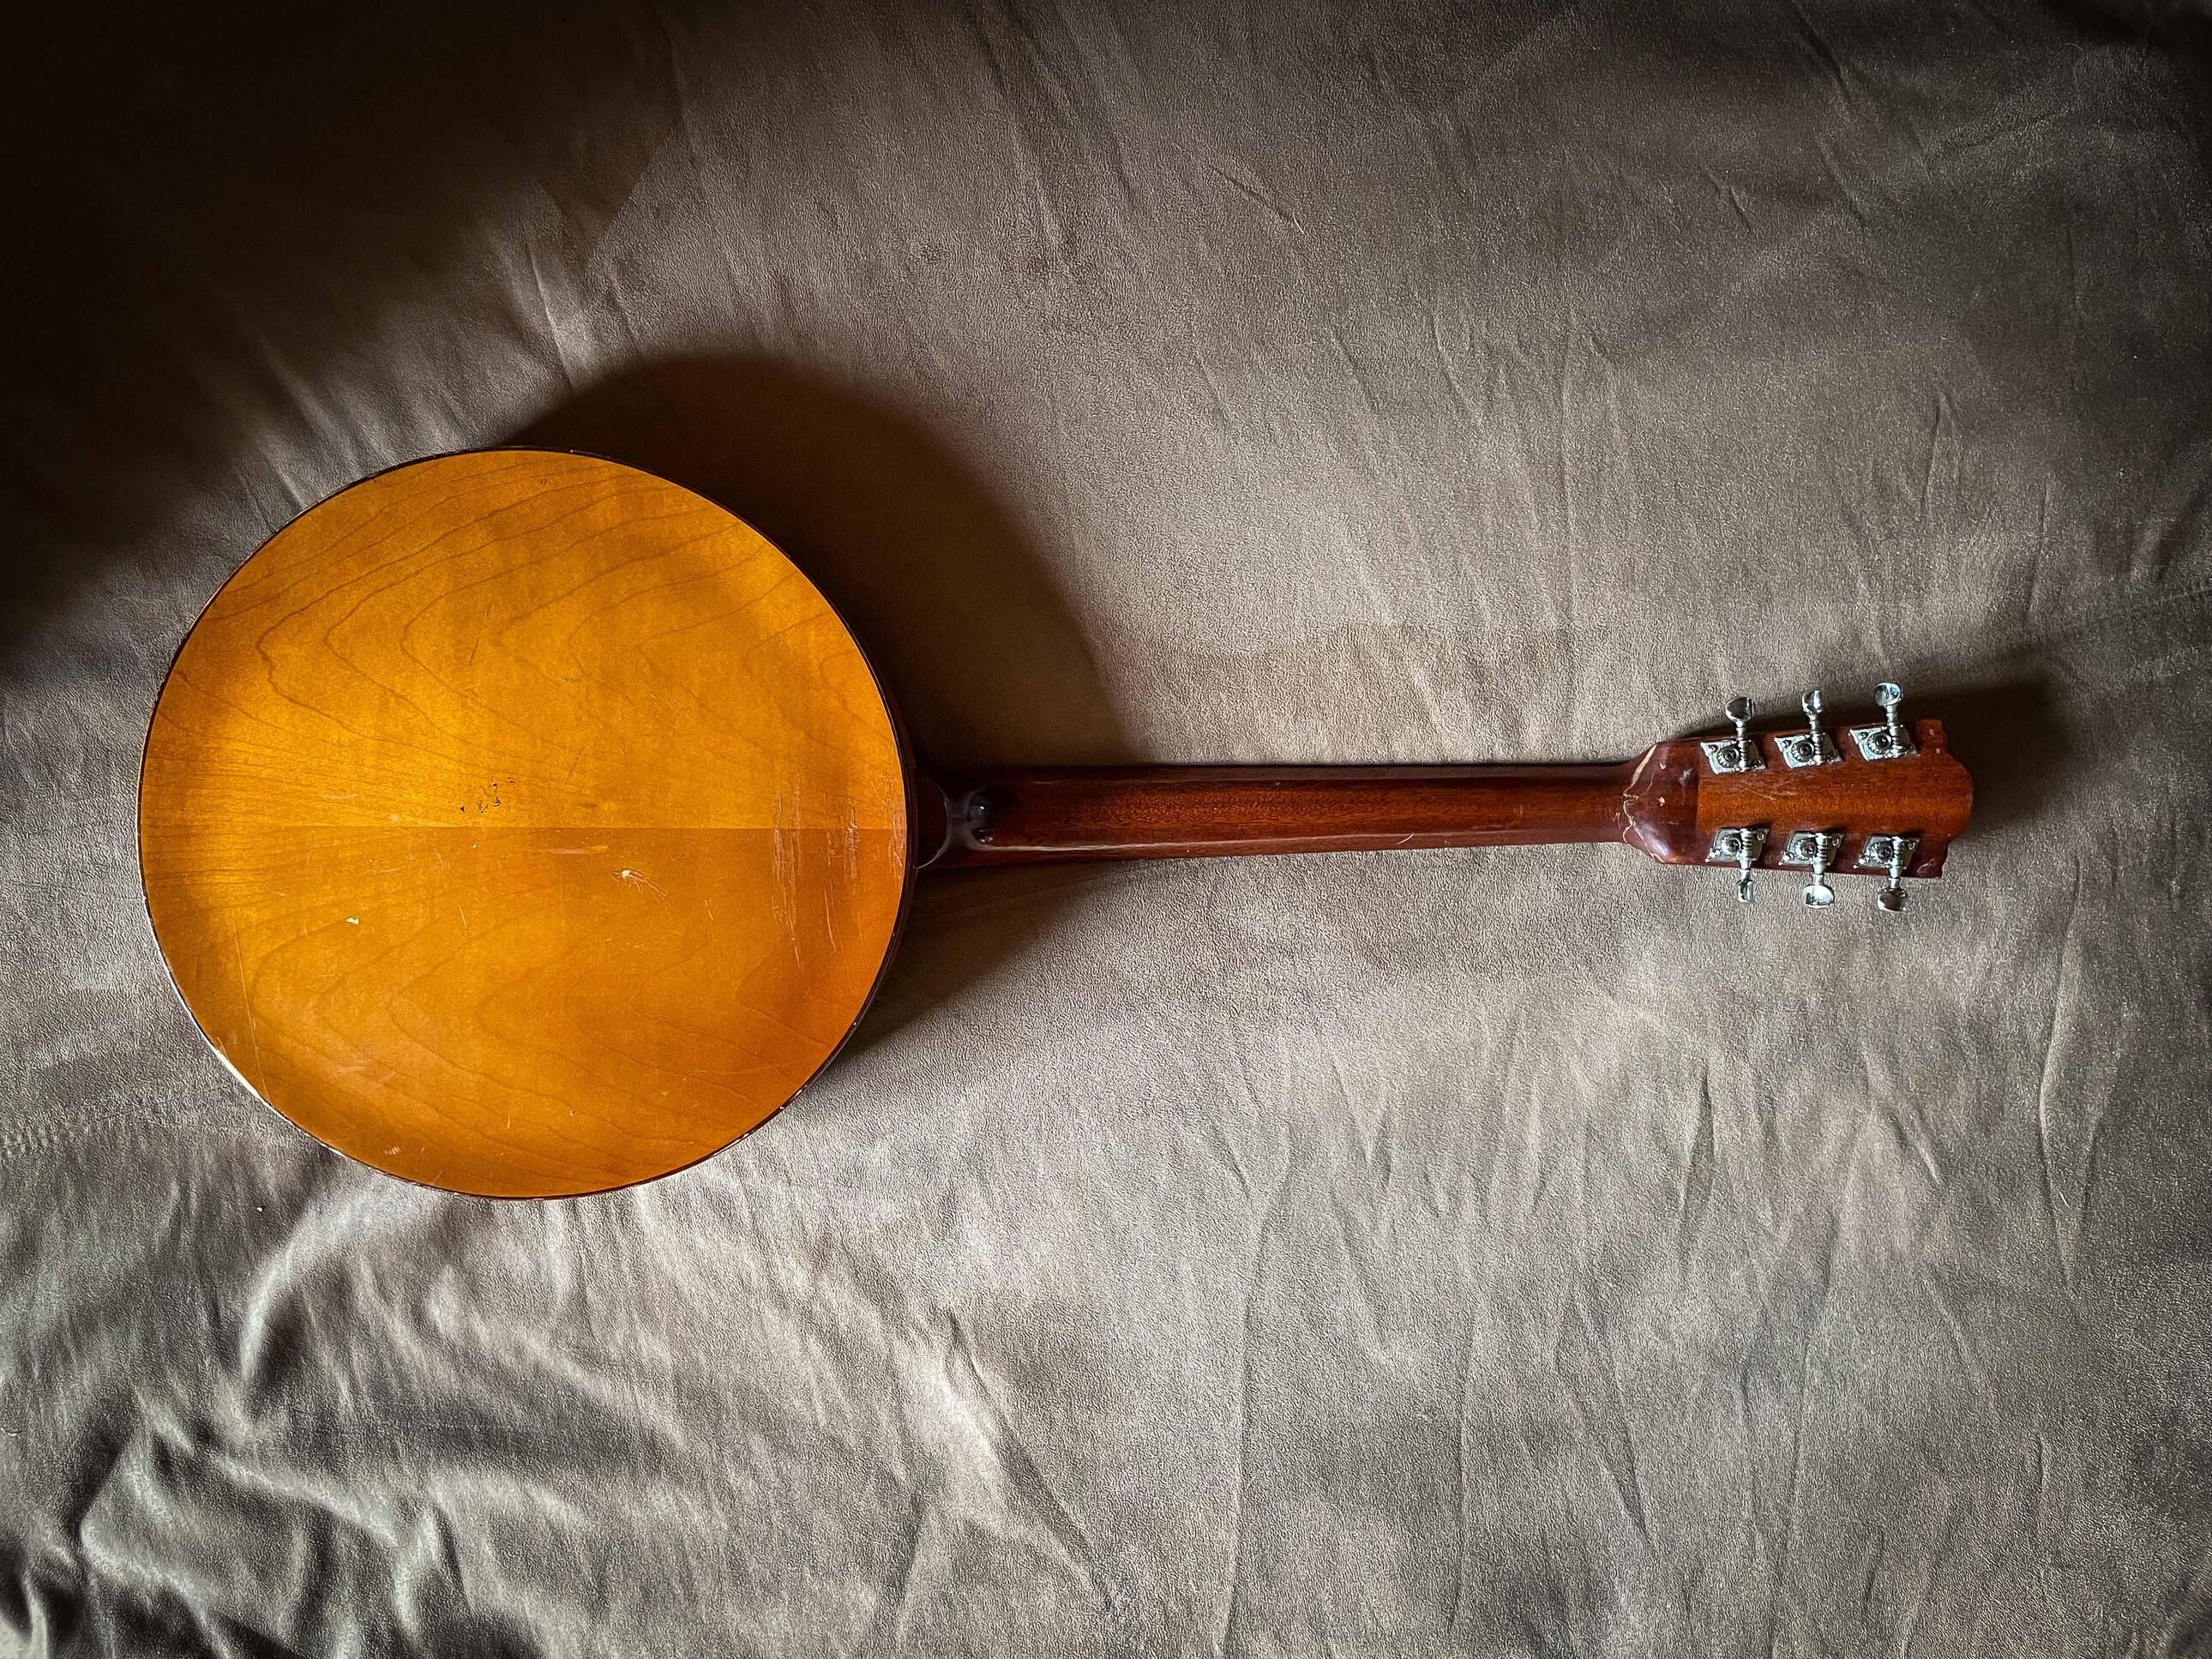 Framus Banjo 13140  - 6  string model (April 1968)